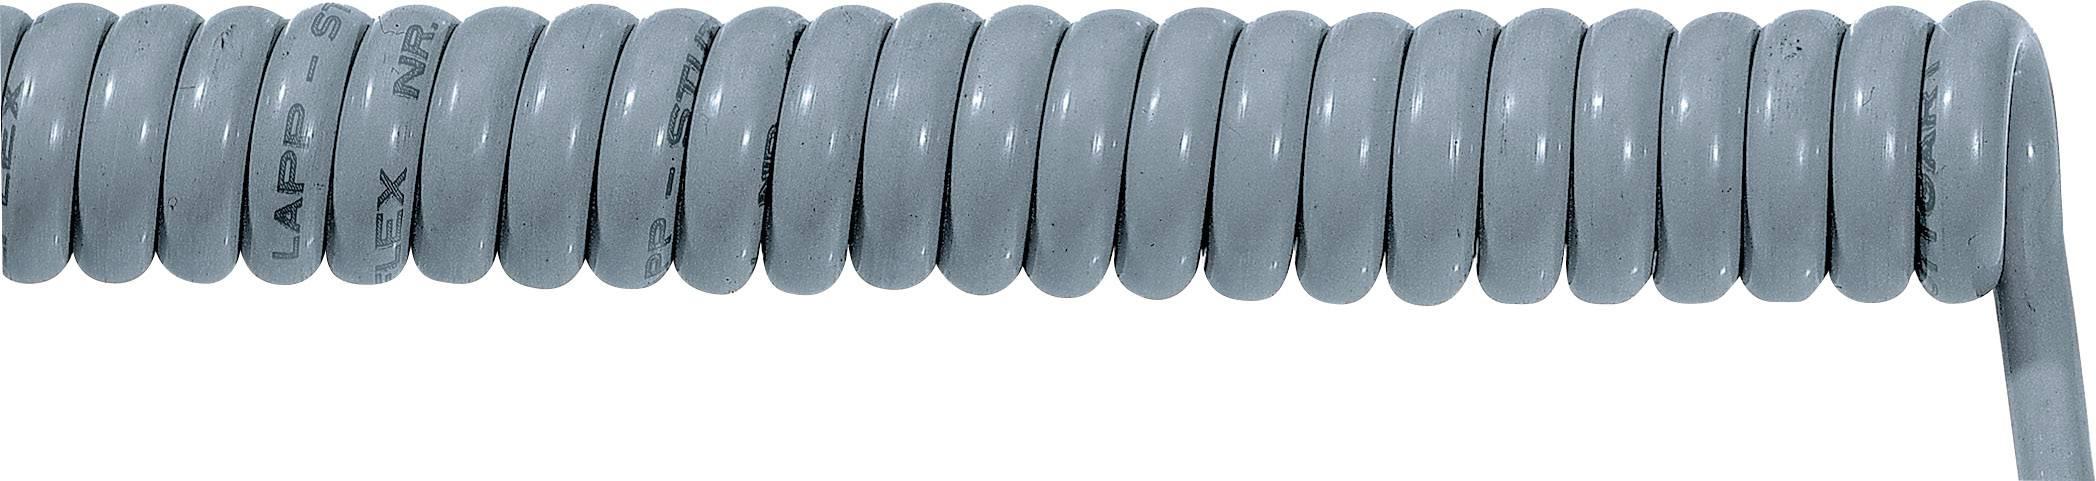 Špirálový kábel 70002631 ÖLFLEX® SPIRAL 400 P 3 x 0.75 mm², 2000 mm / 6000 mm, sivá